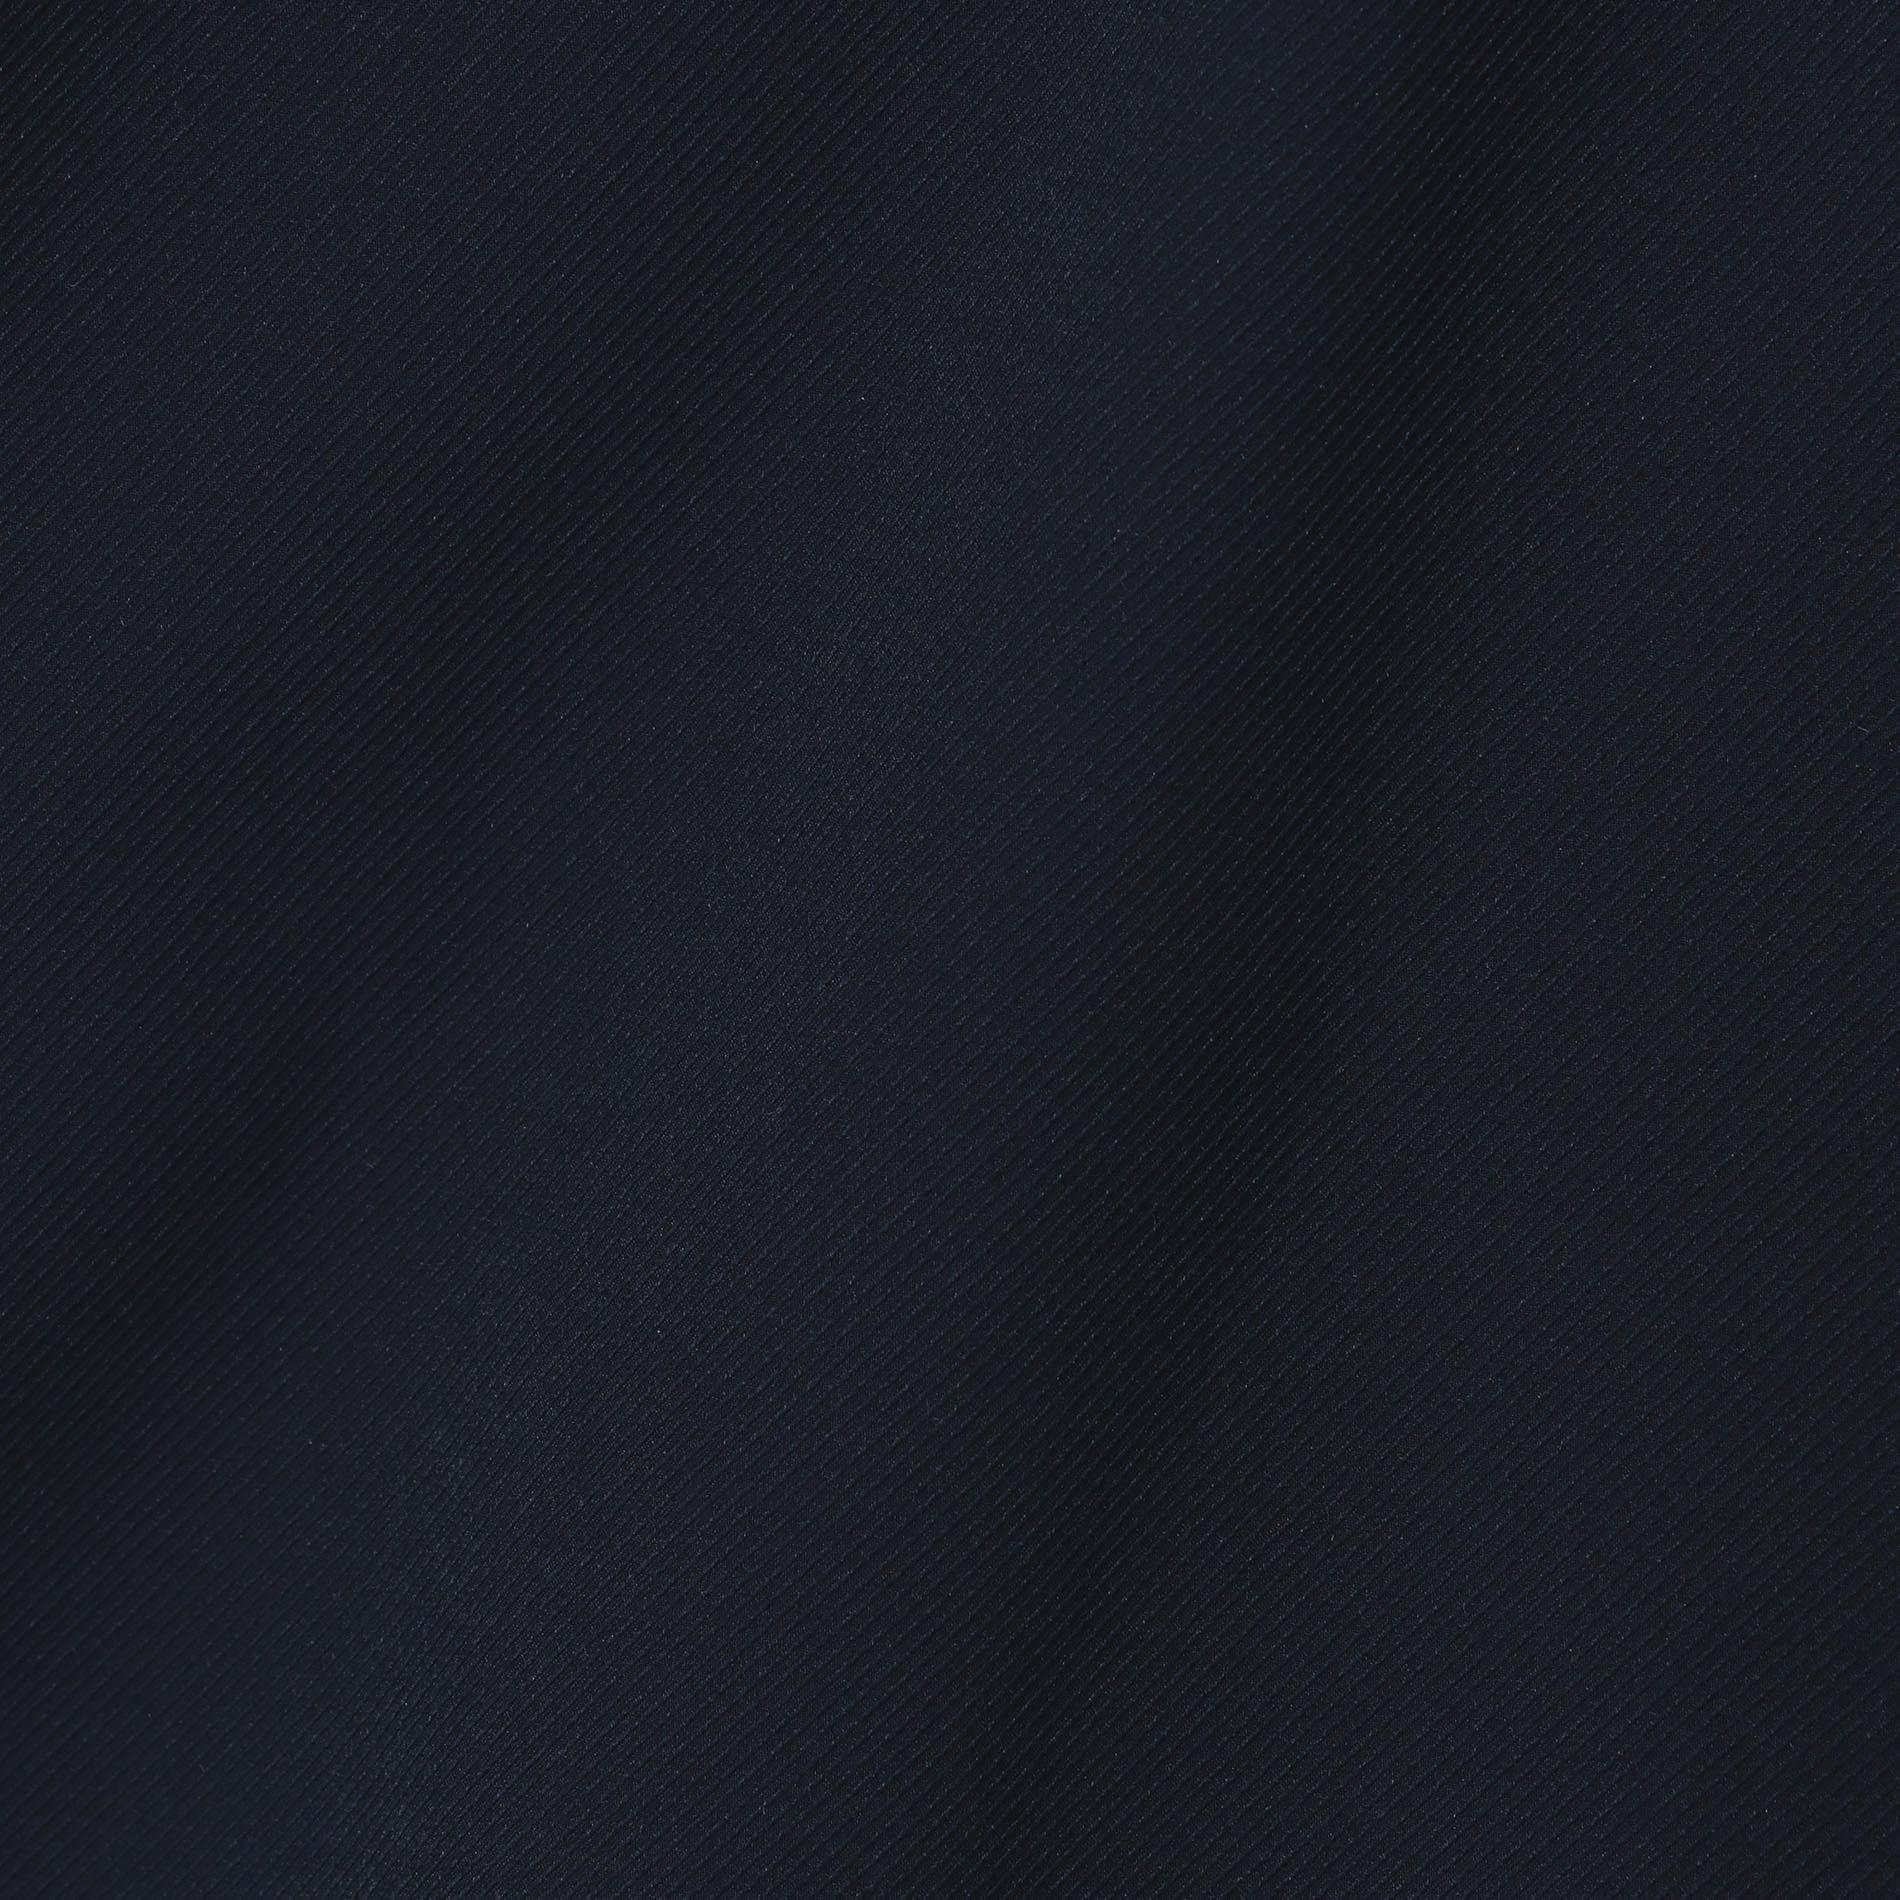 【CHRYSTON ML】ツイル2WAYストレッチフーデットコート